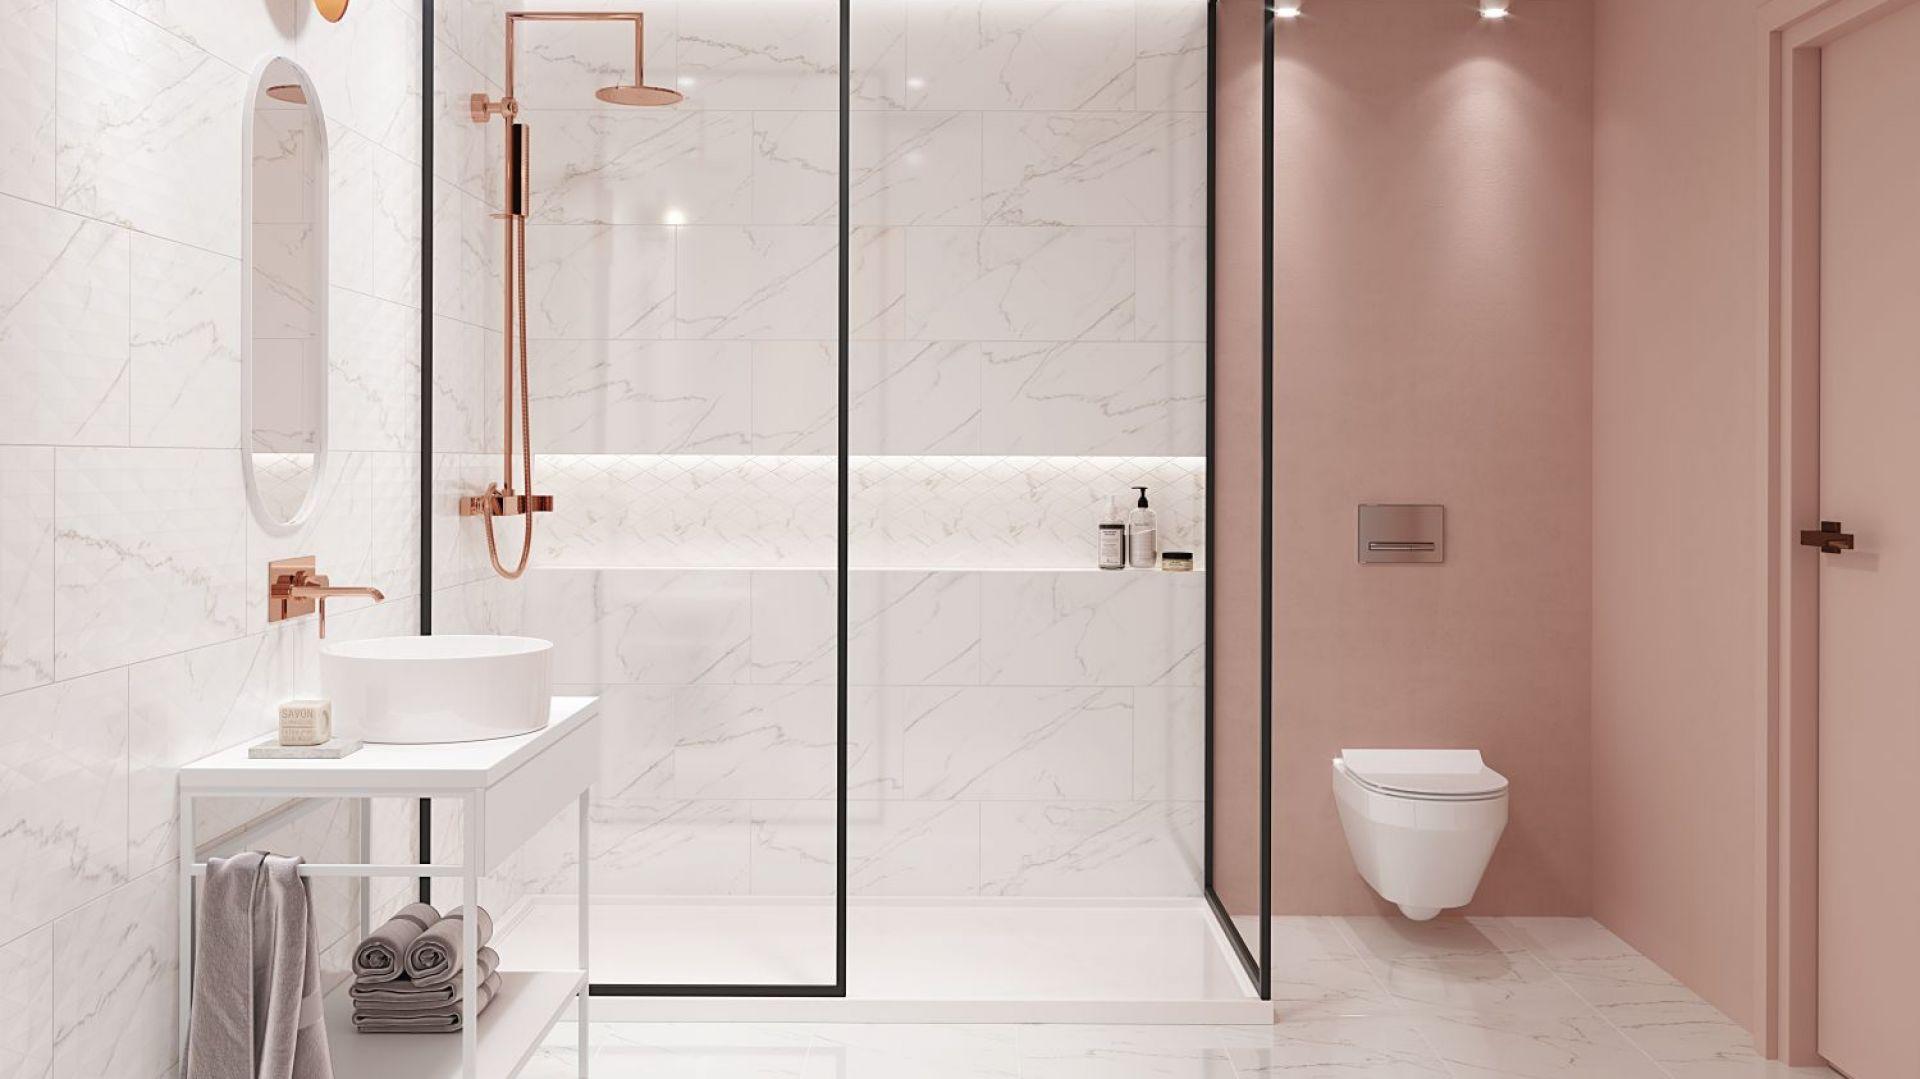 Modna łazienka Aranżacyjne Trendy Na 2019